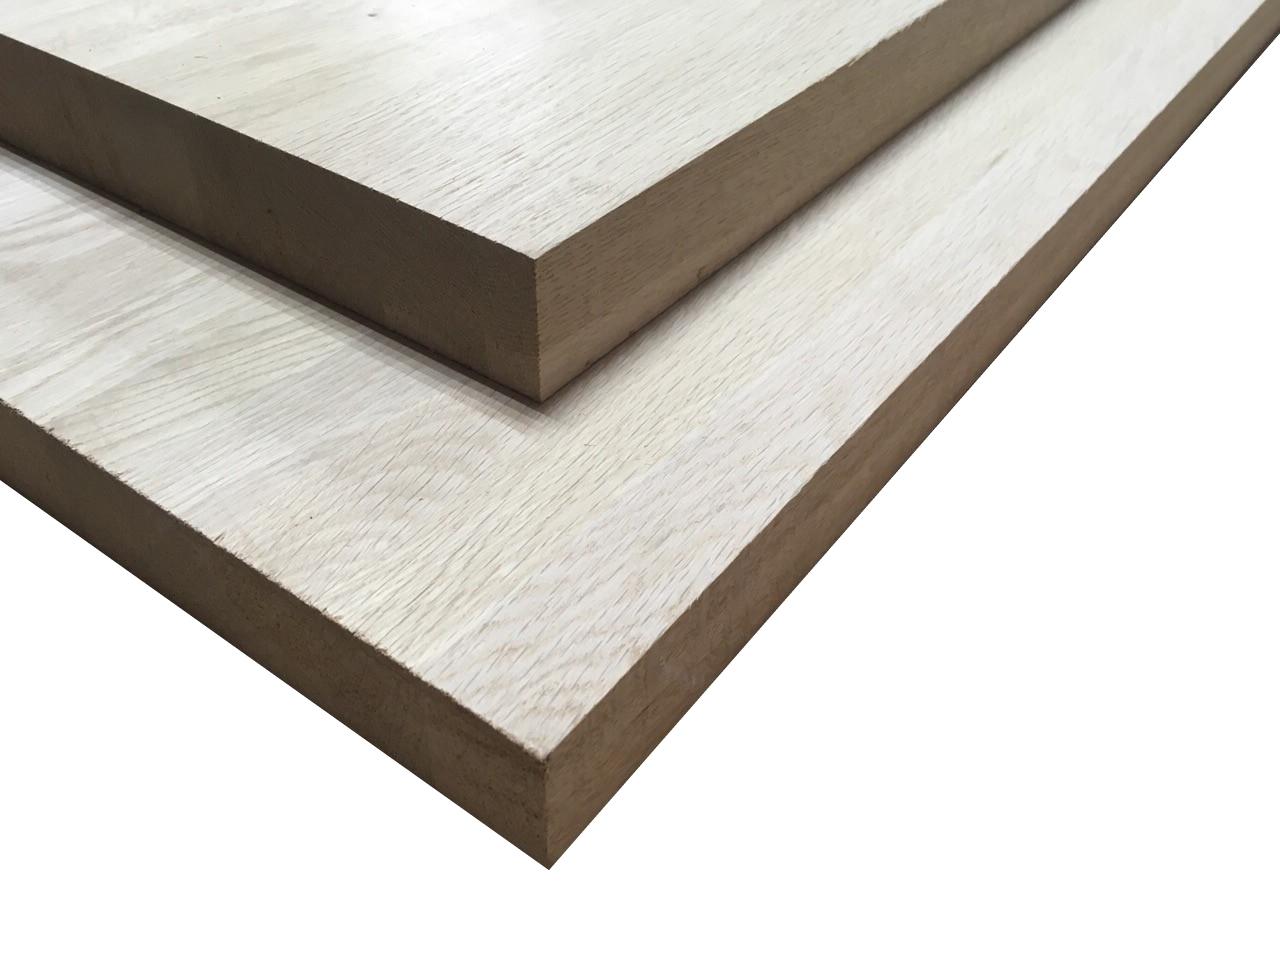 Мебельные щиты из дуба ( широкая ламель ) Цельноламельные